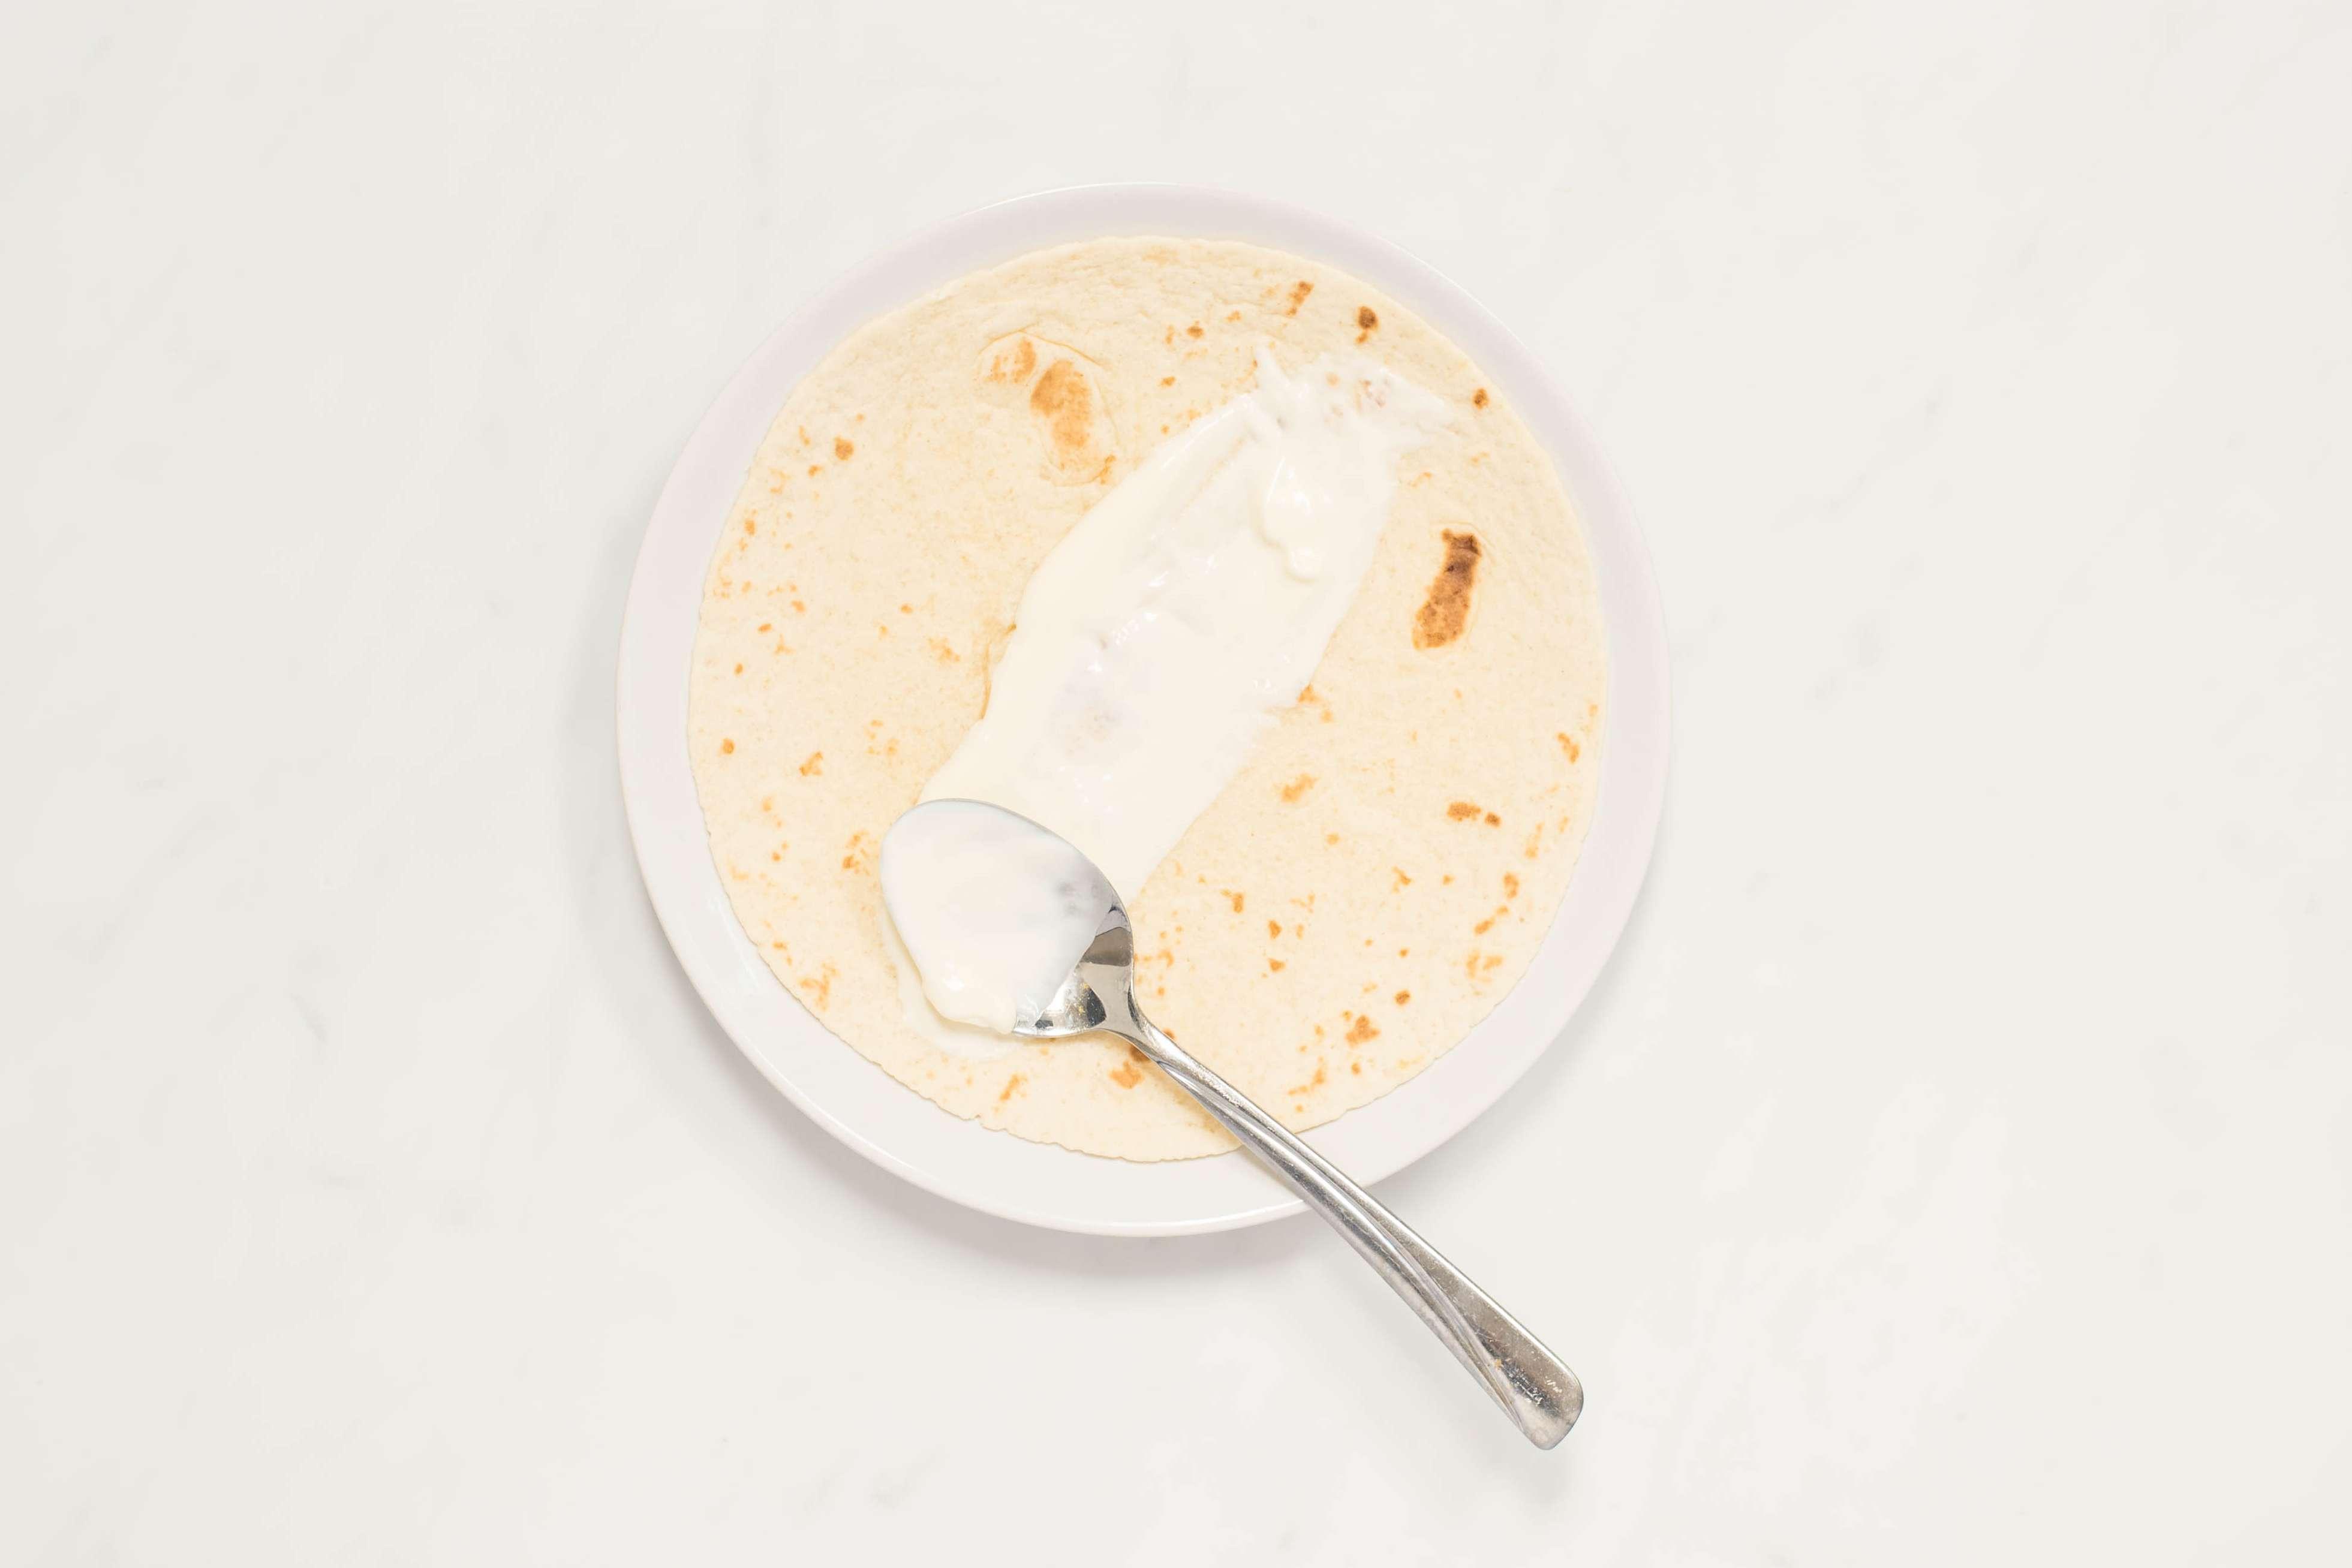 Spread sour cream